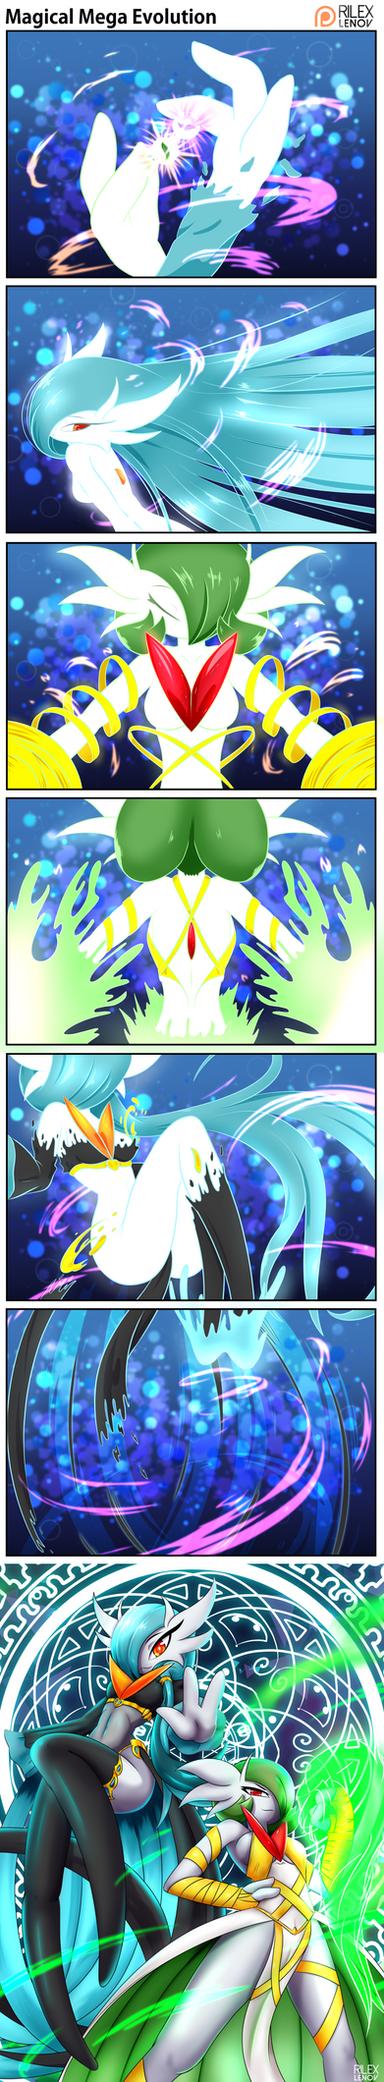 Magical Mega Evolution by RilexLenov